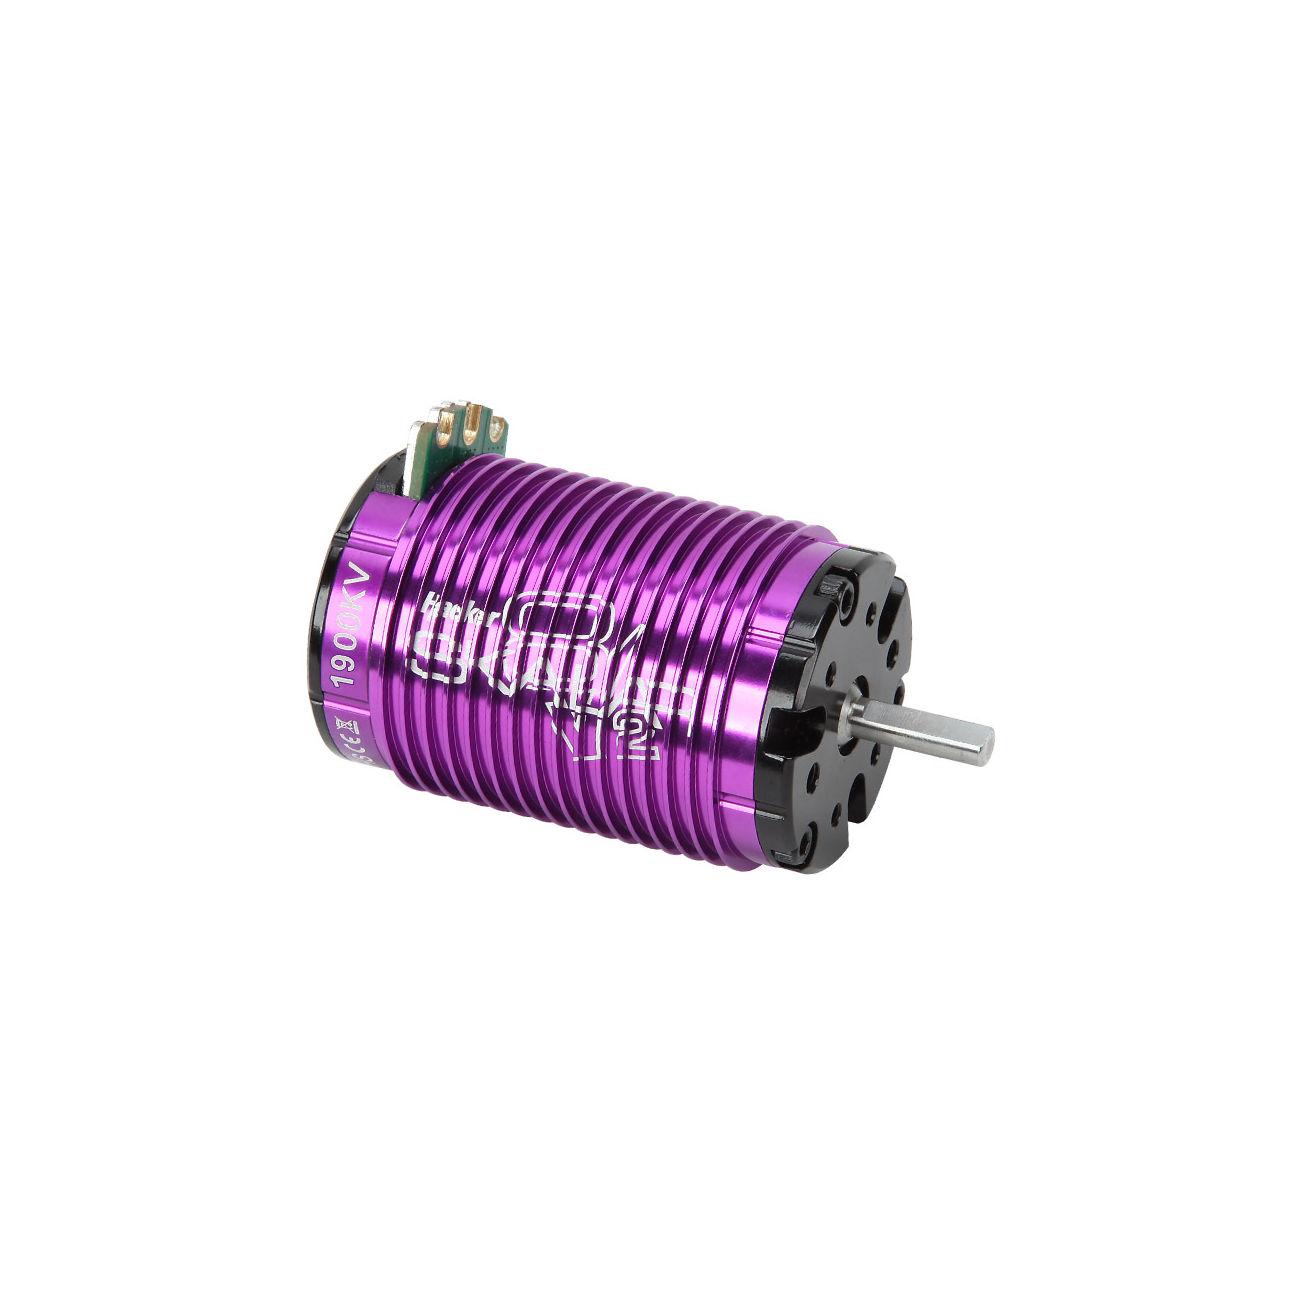 Hacker Skalar 8 V2 Brushless Motor Sensor 1900 Kv 71821900